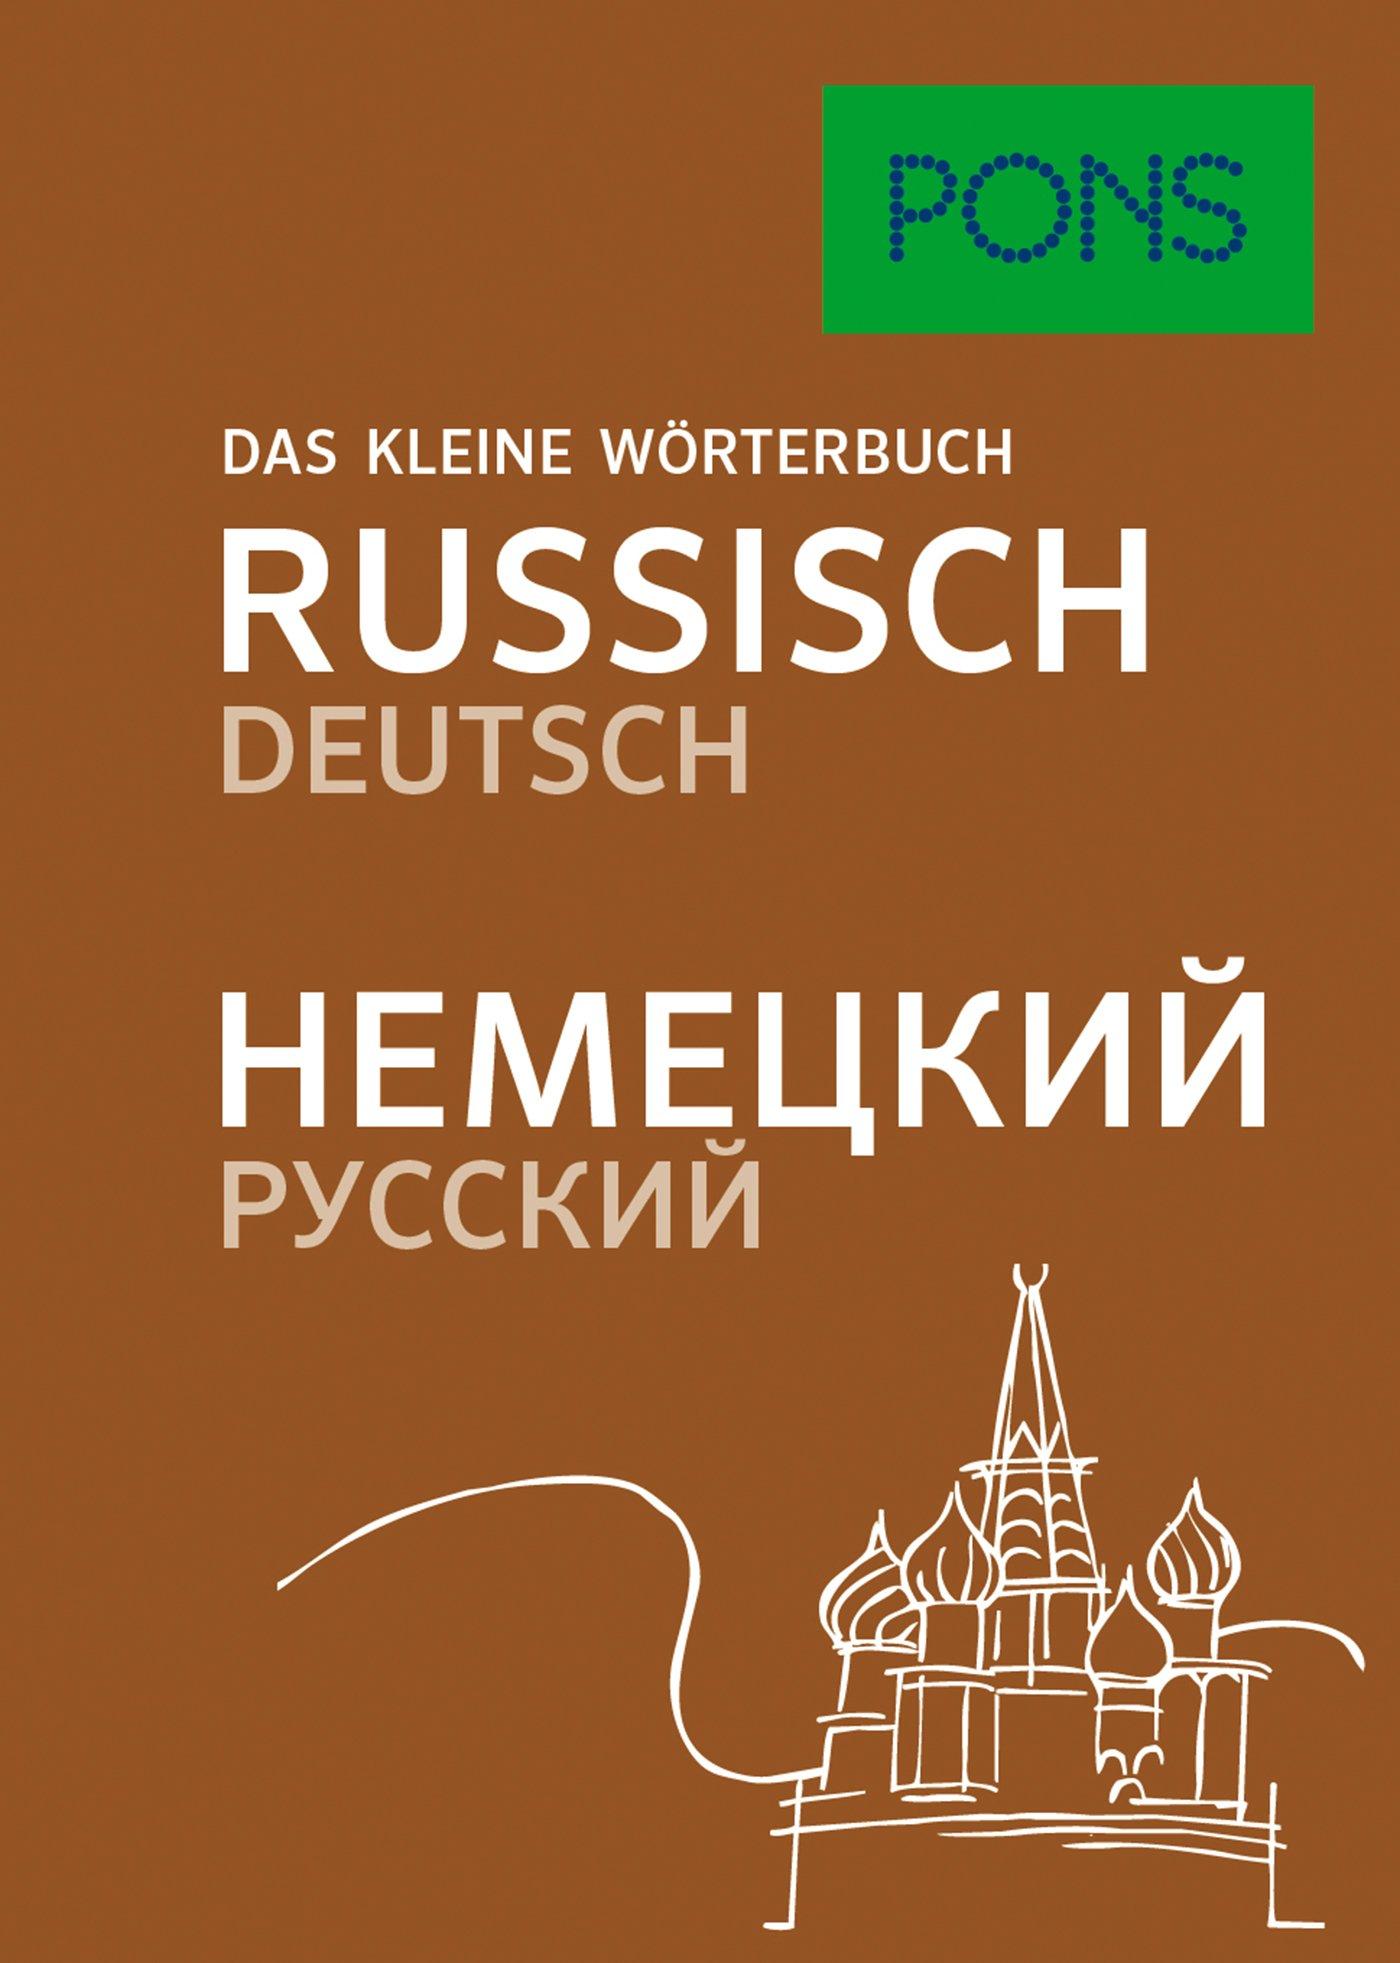 PONS Das kleine Wörterbuch Russisch: Russisch-Deutsch / Deutsch-Russisch